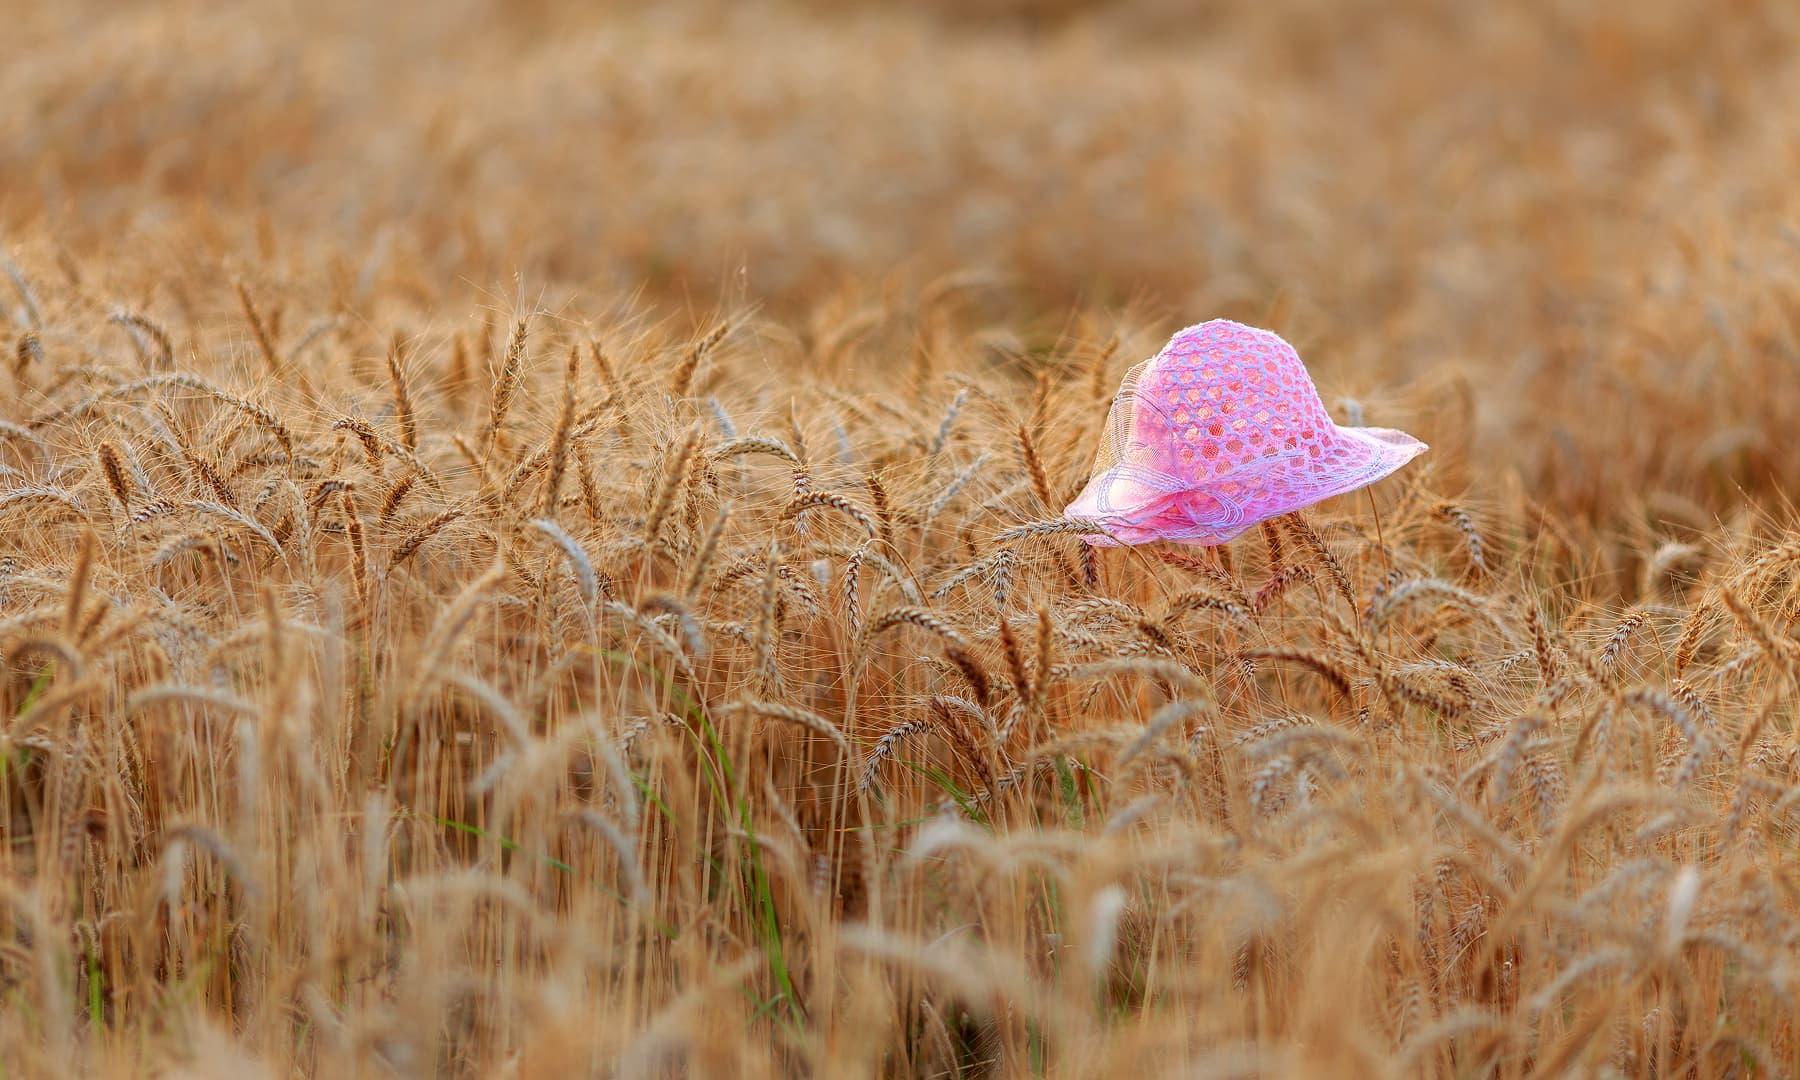 ہزارہ میں گندم کی فصل.— فوٹو سید مہدی بخاری